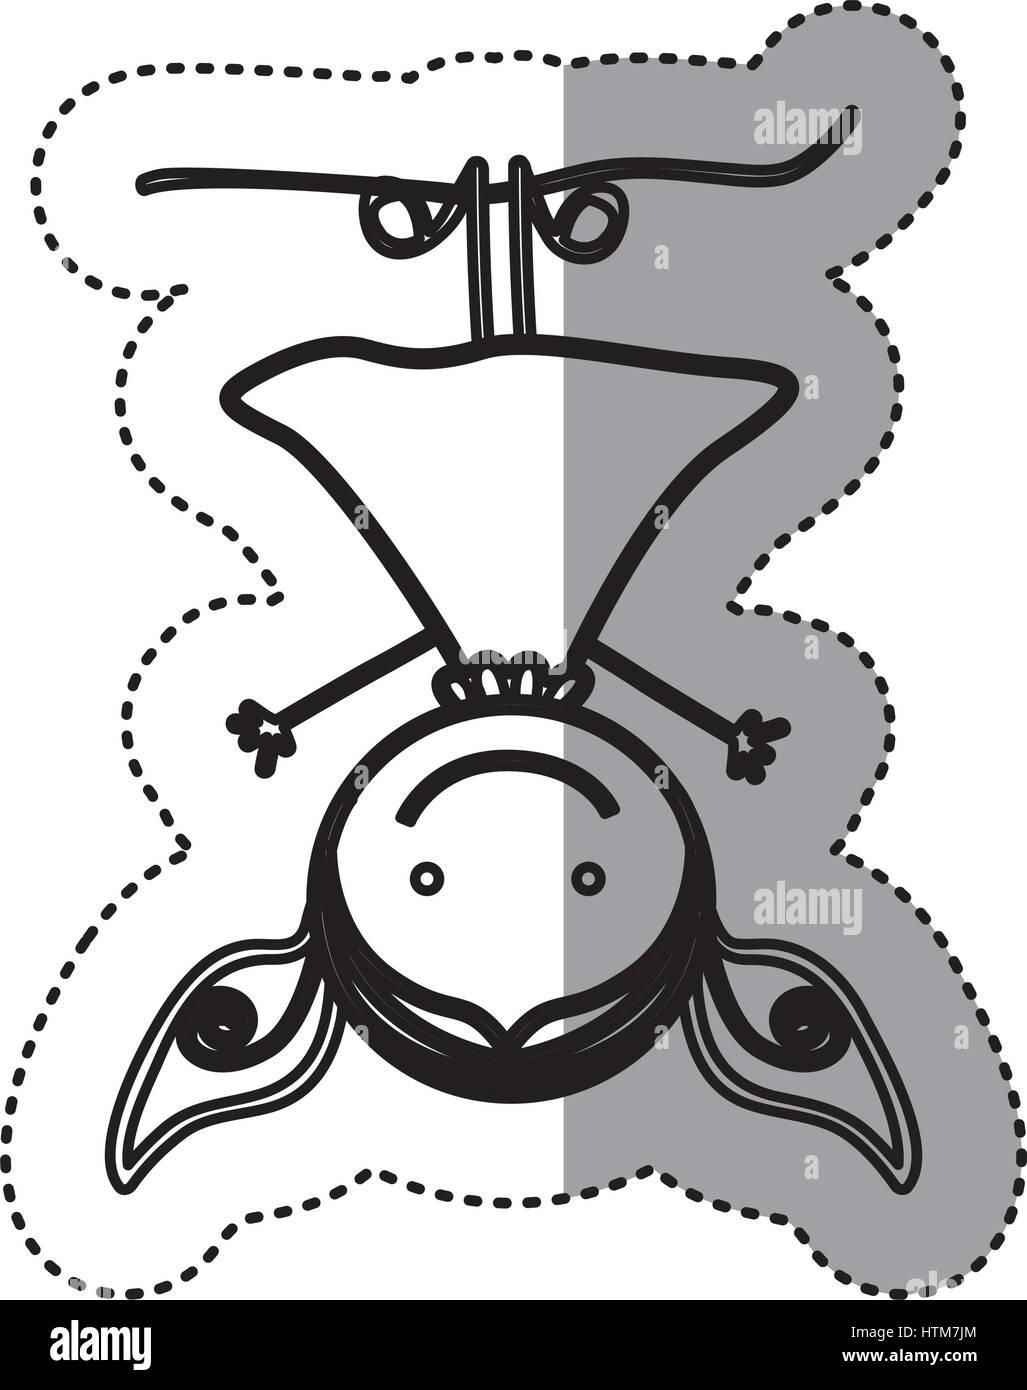 Pegatina silueta boceto caricatura chica con cabello pigtails colgado boca abajo Ilustración del Vector